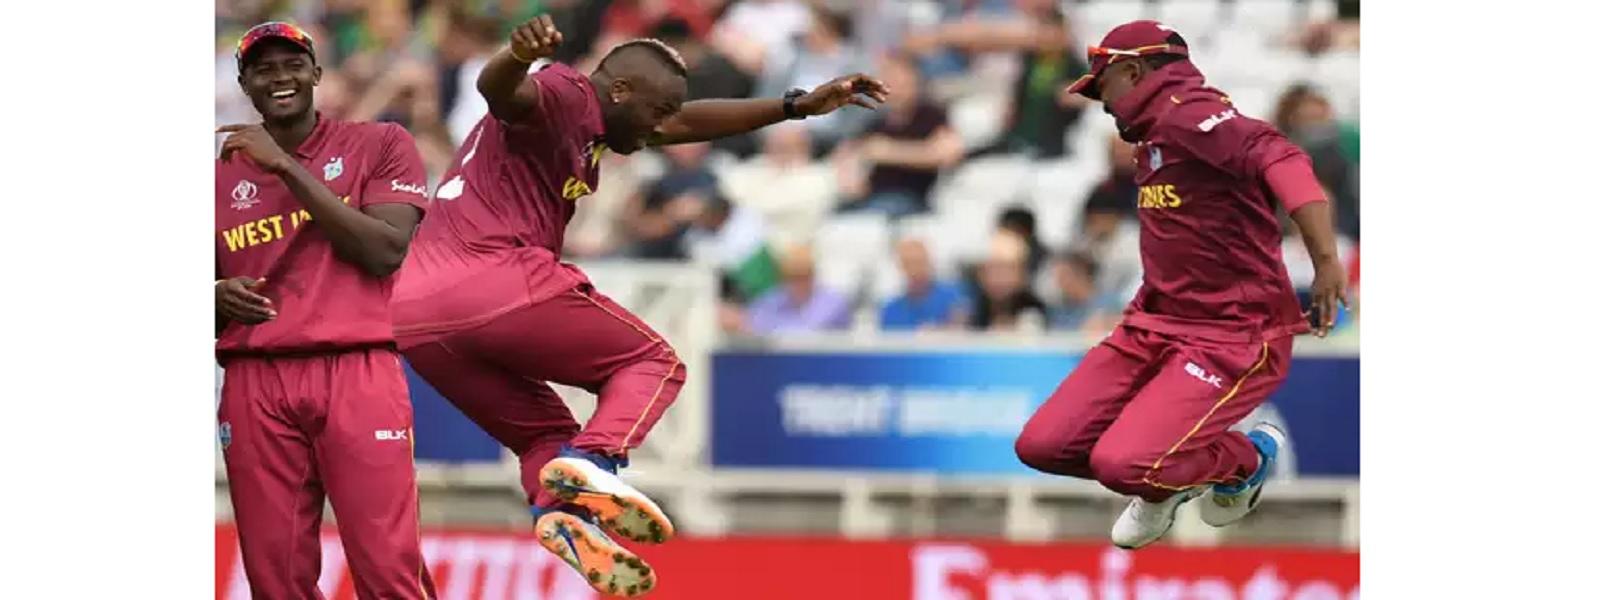 உலகக்கிண்ணம்: பாகிஸ்தானுக்கு எதிரான போட்டியில் மேற்கிந்தியத் தீவுகள் 7 விக்கெட்களால் வெற்றி